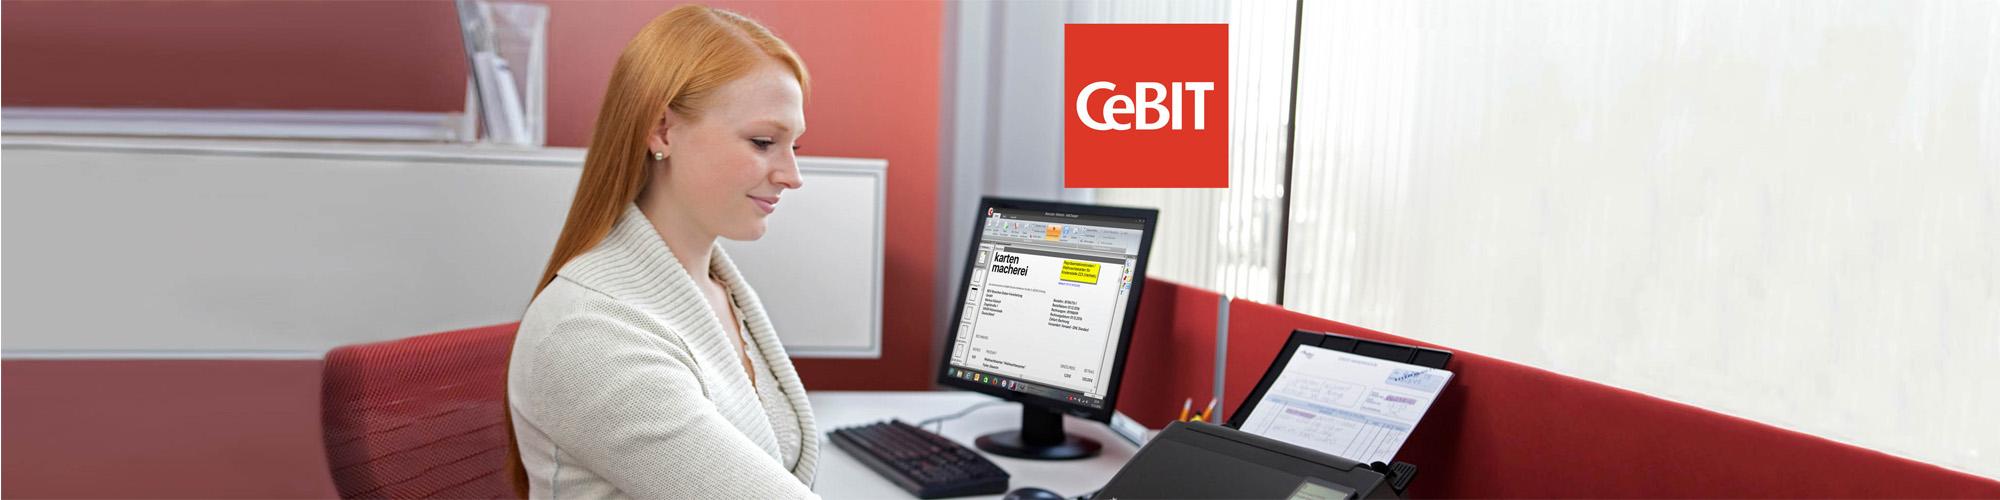 CeBIT 2017 - BDV Branchen-Daten-Verarbeitung GmbH